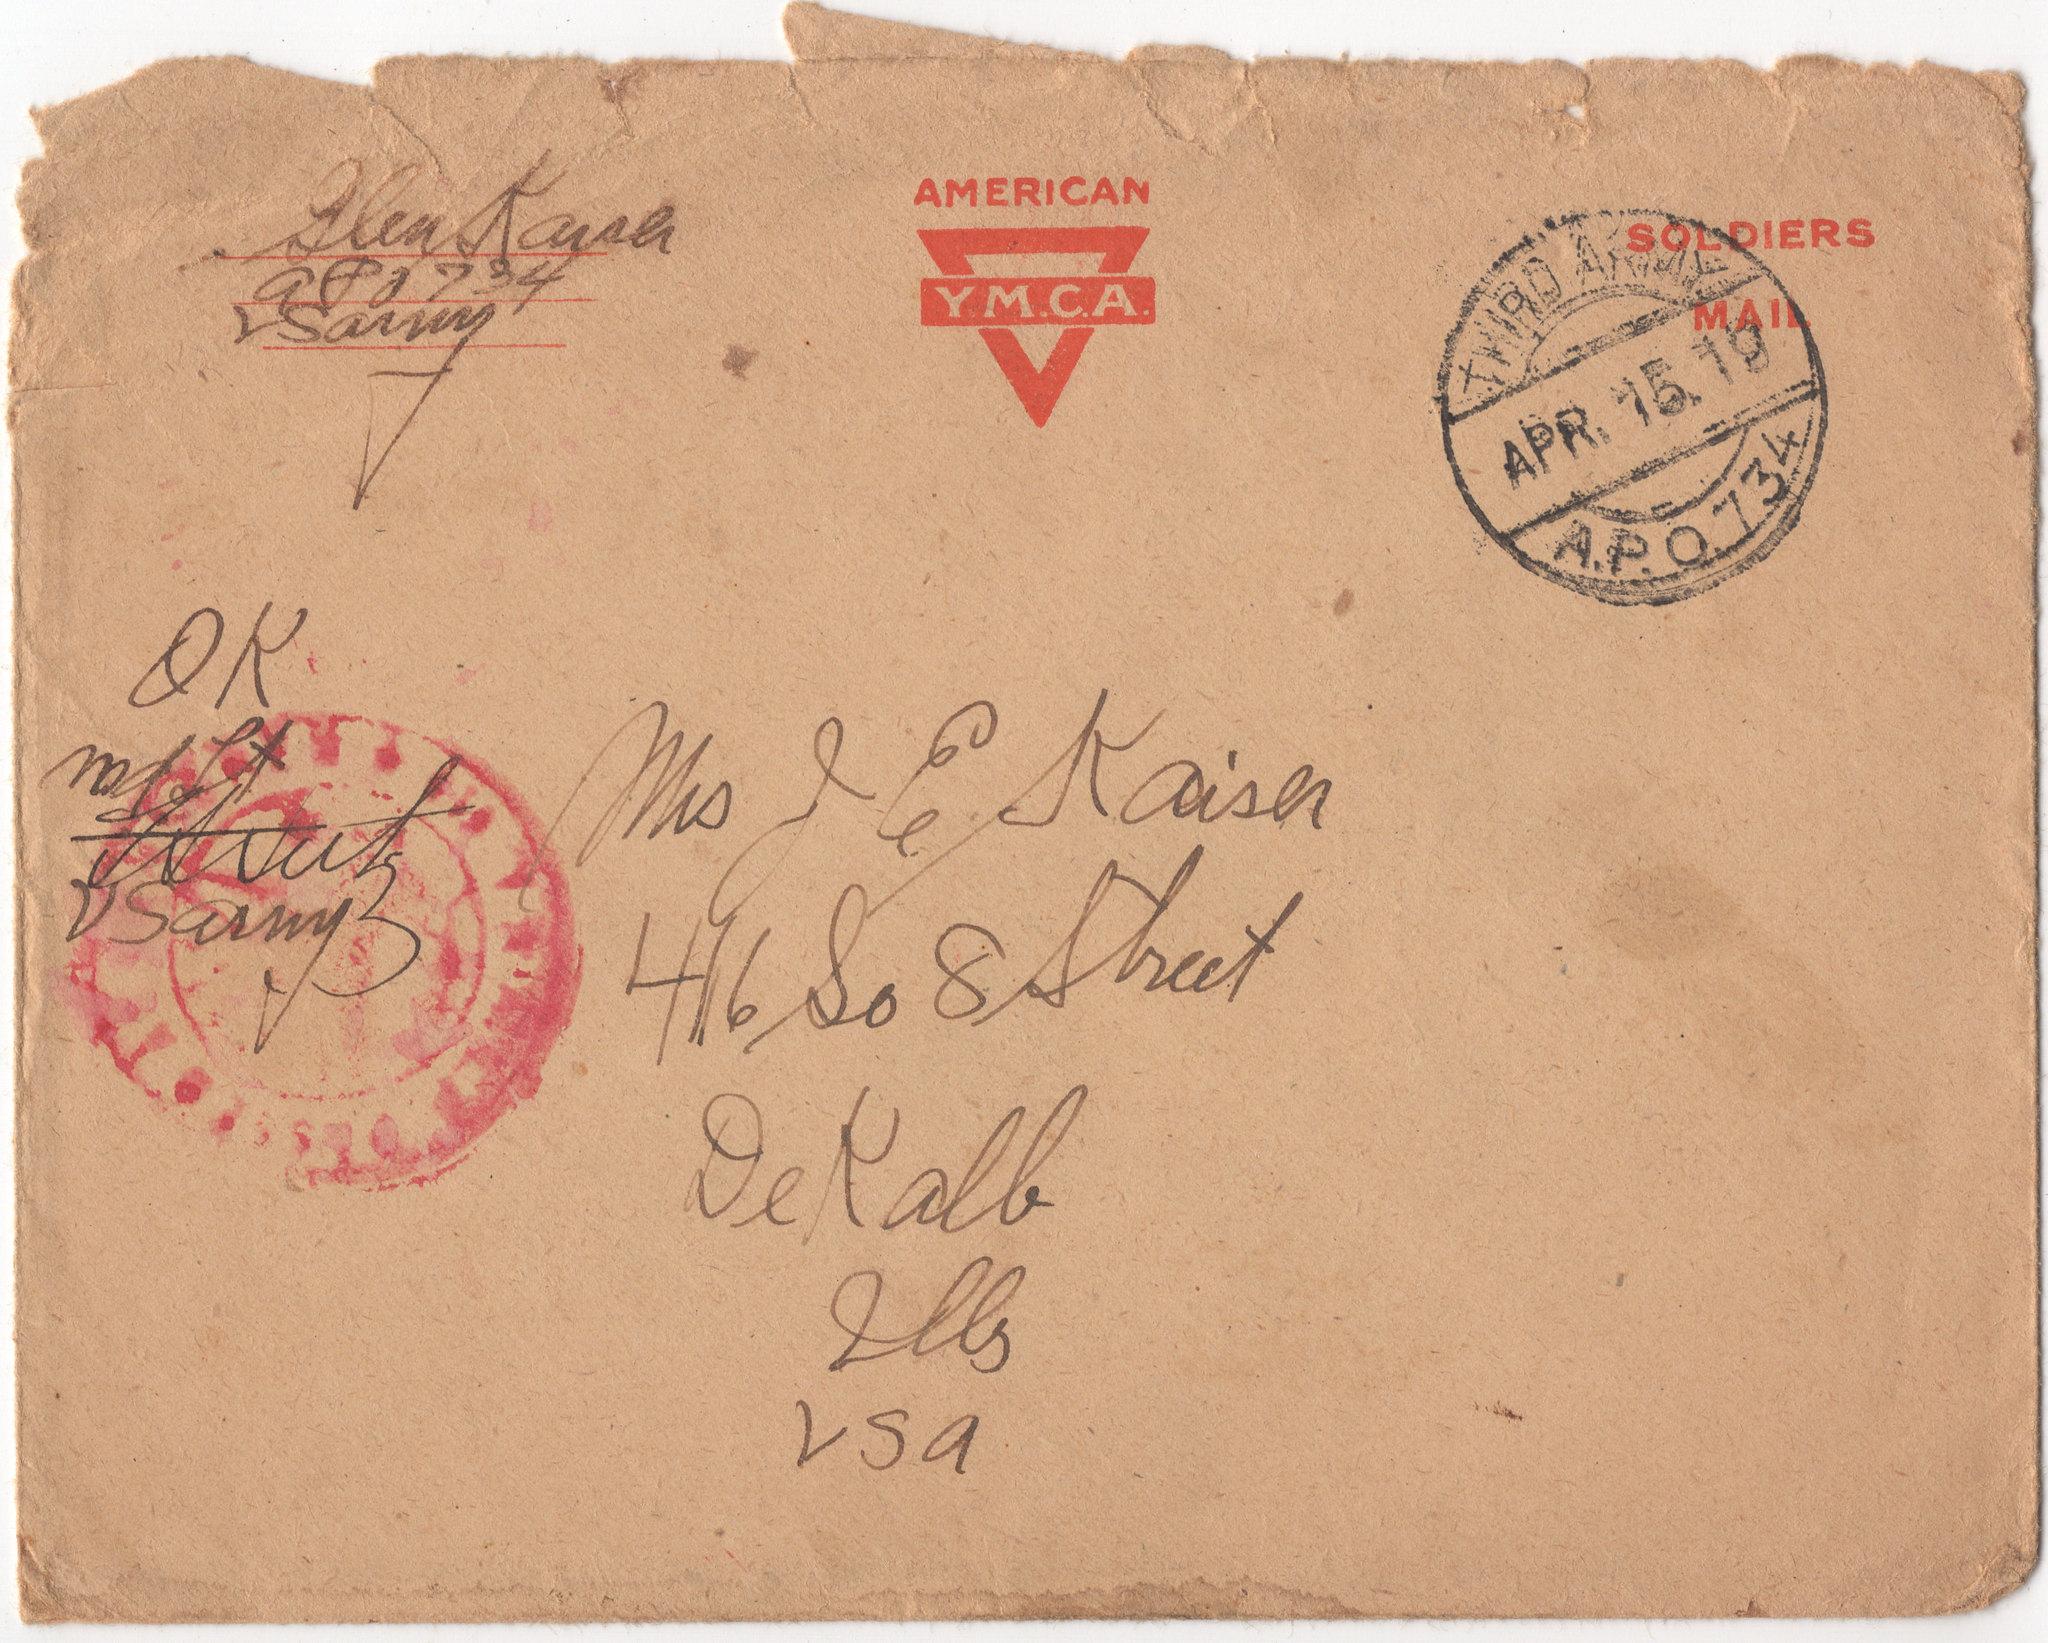 Kaiser_Glenn_WWI_letter_1919-04-15_envelope